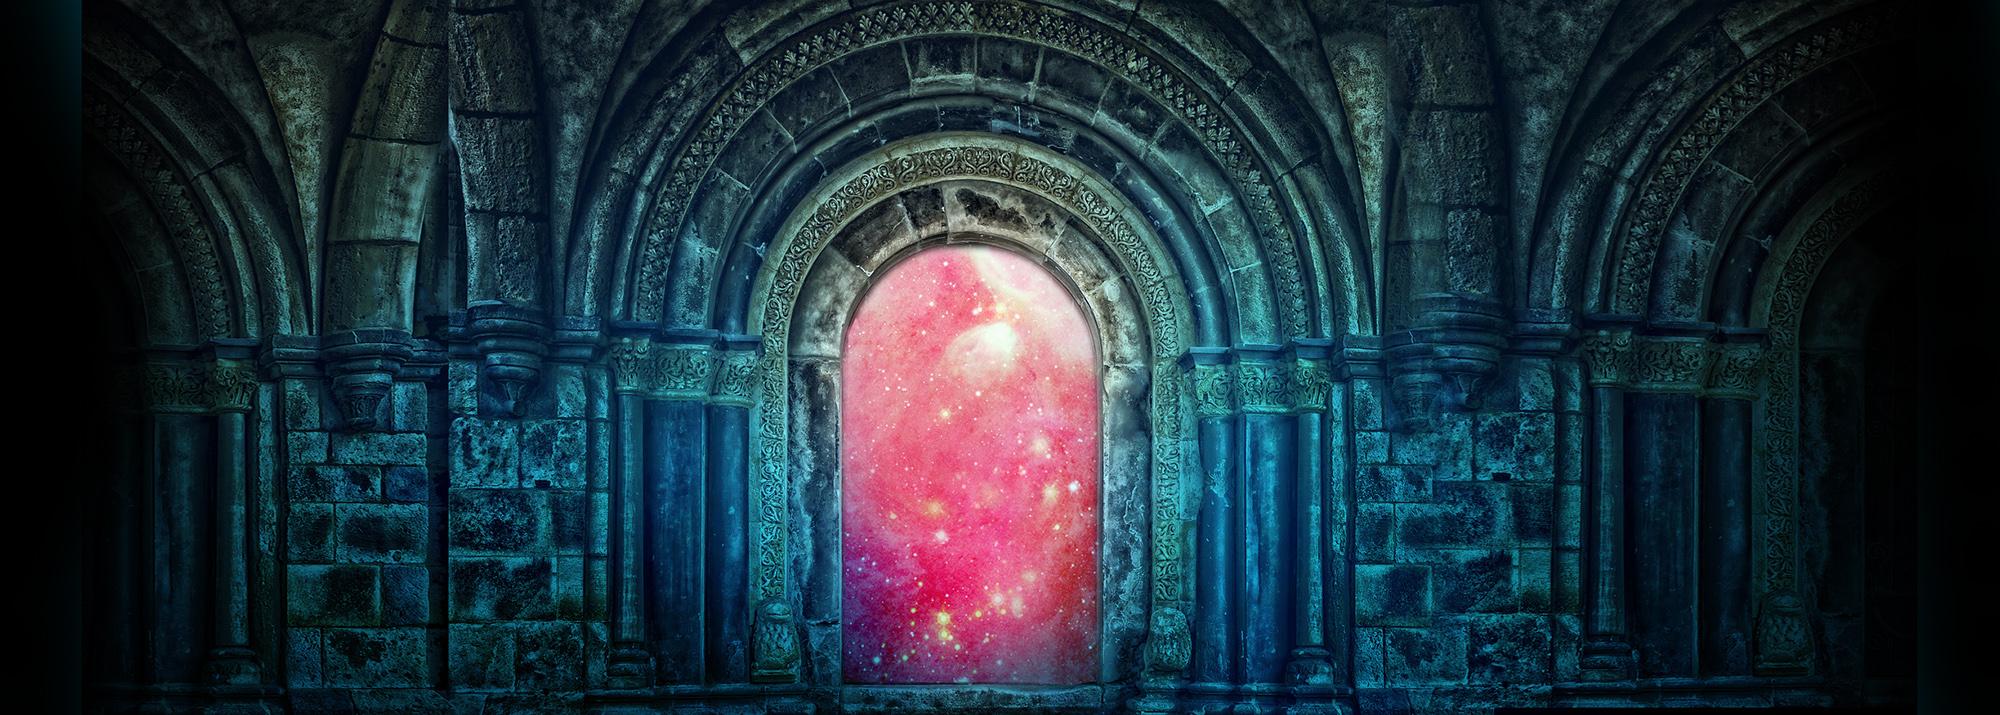 Doorway to Galaxies_Embracing Radical Change.jpg